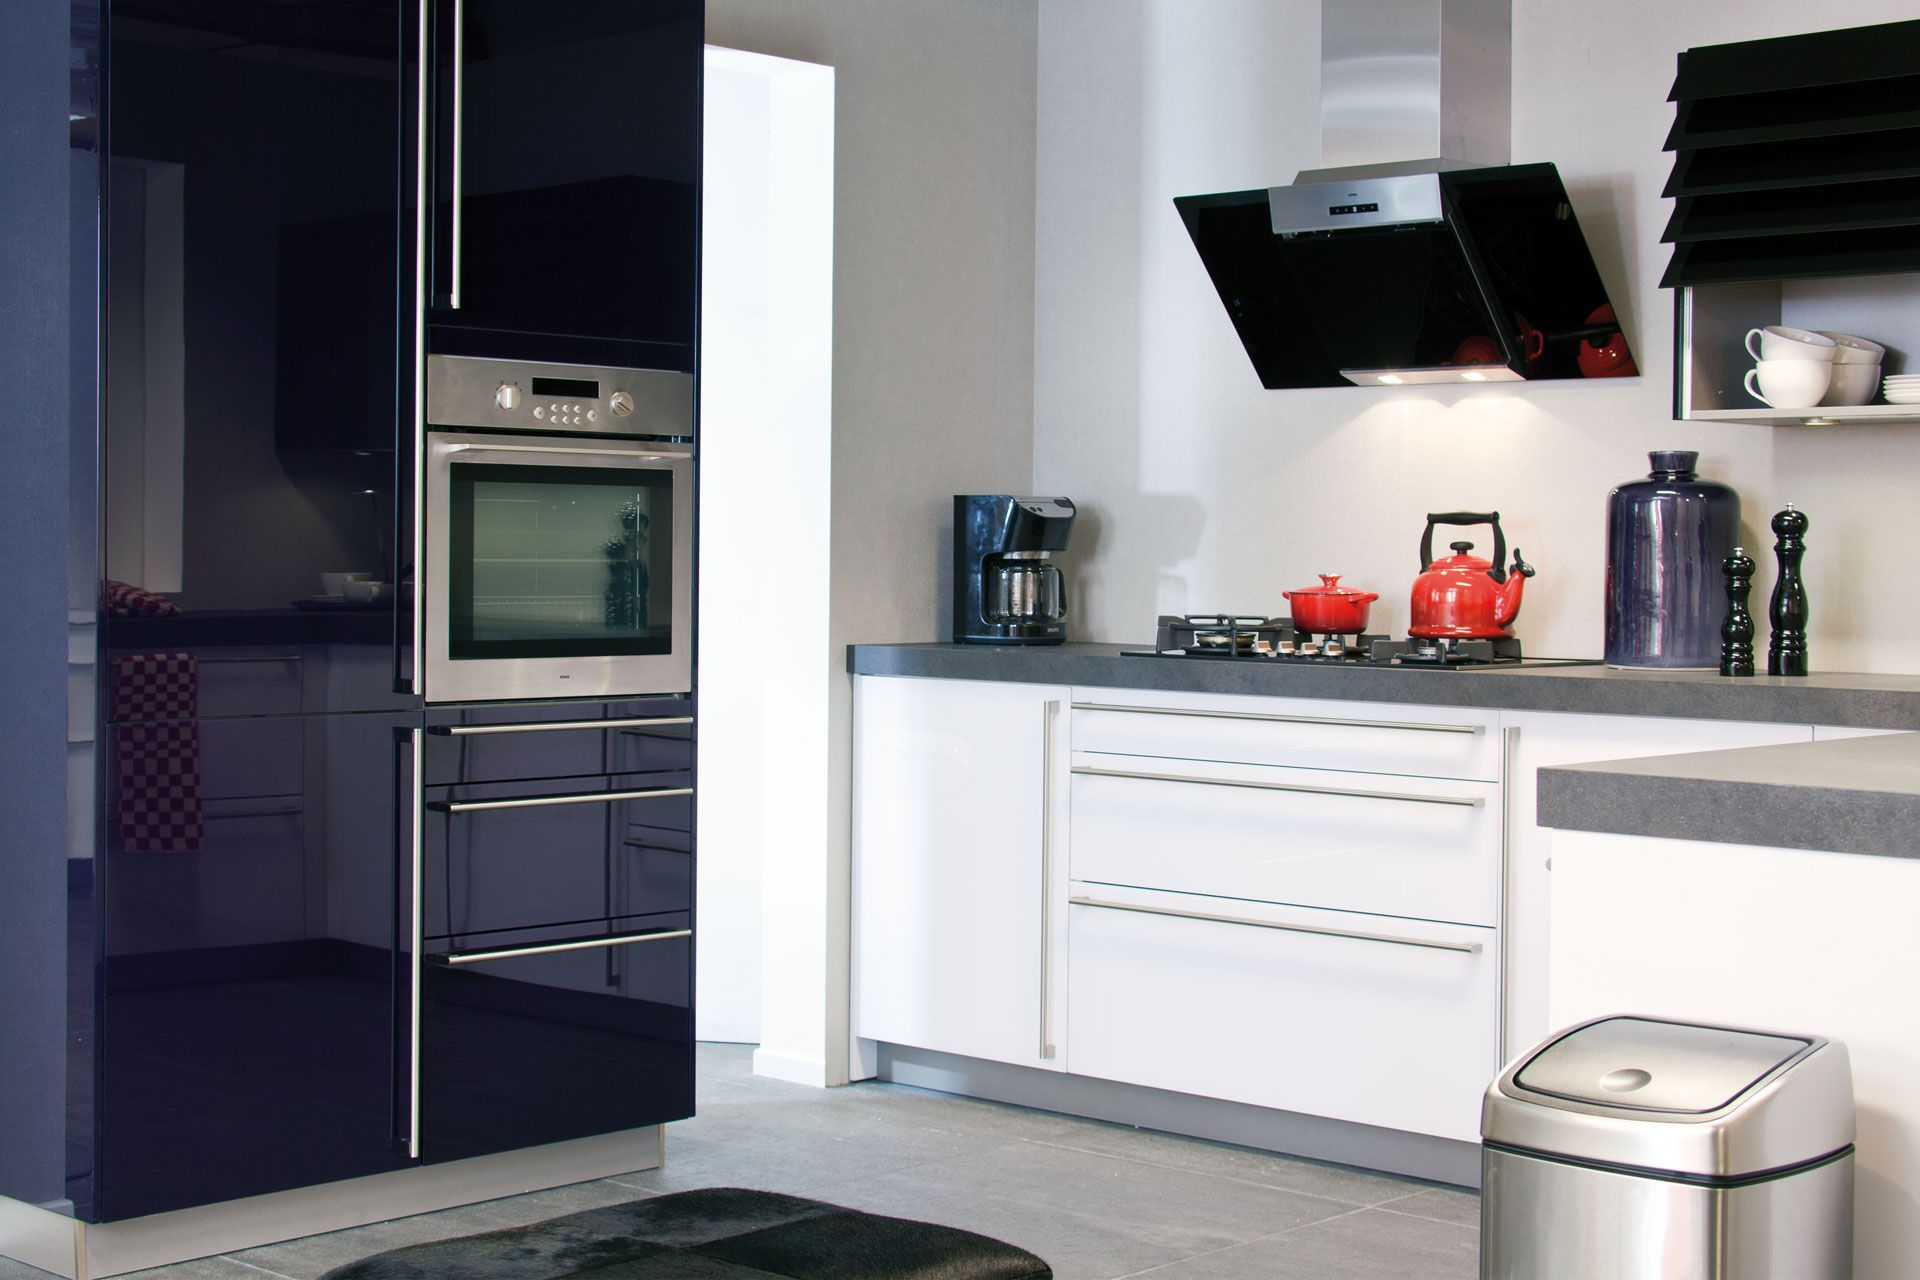 Moderne Keuken Met Glazen Fronten 48769 Pictures